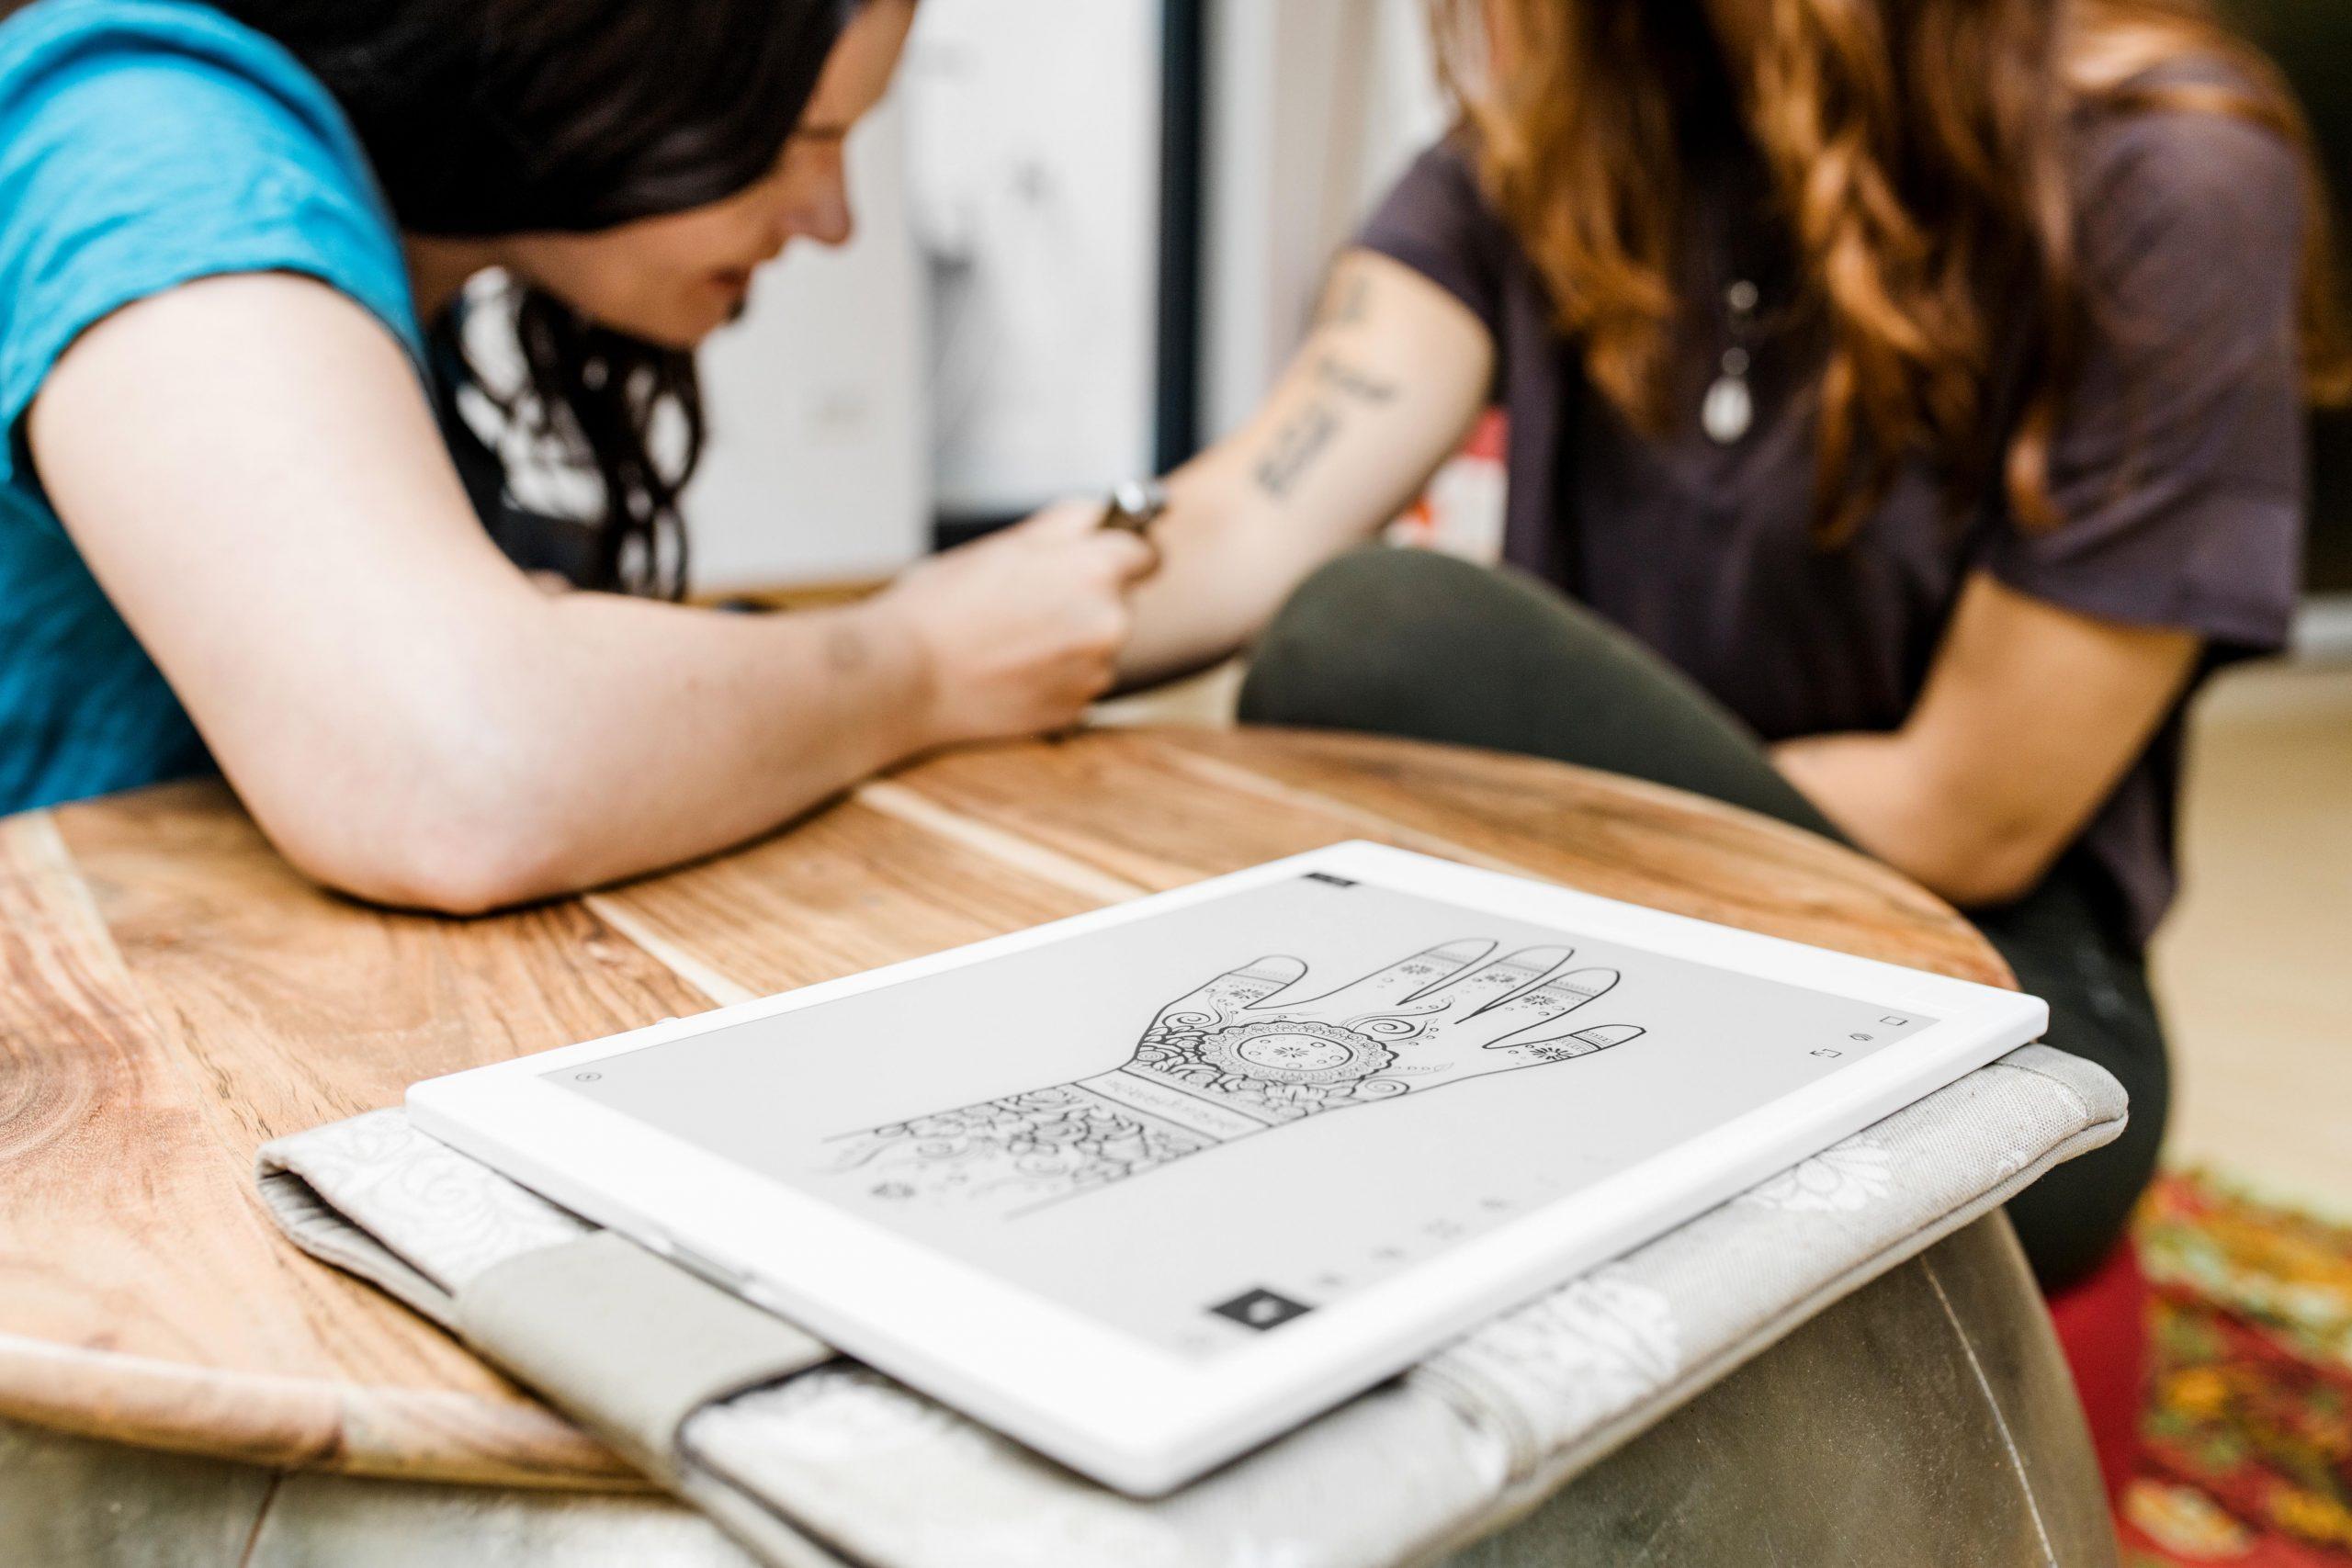 hennatattoo businessfotografie hennamalerei entschleunigung frauenportrait